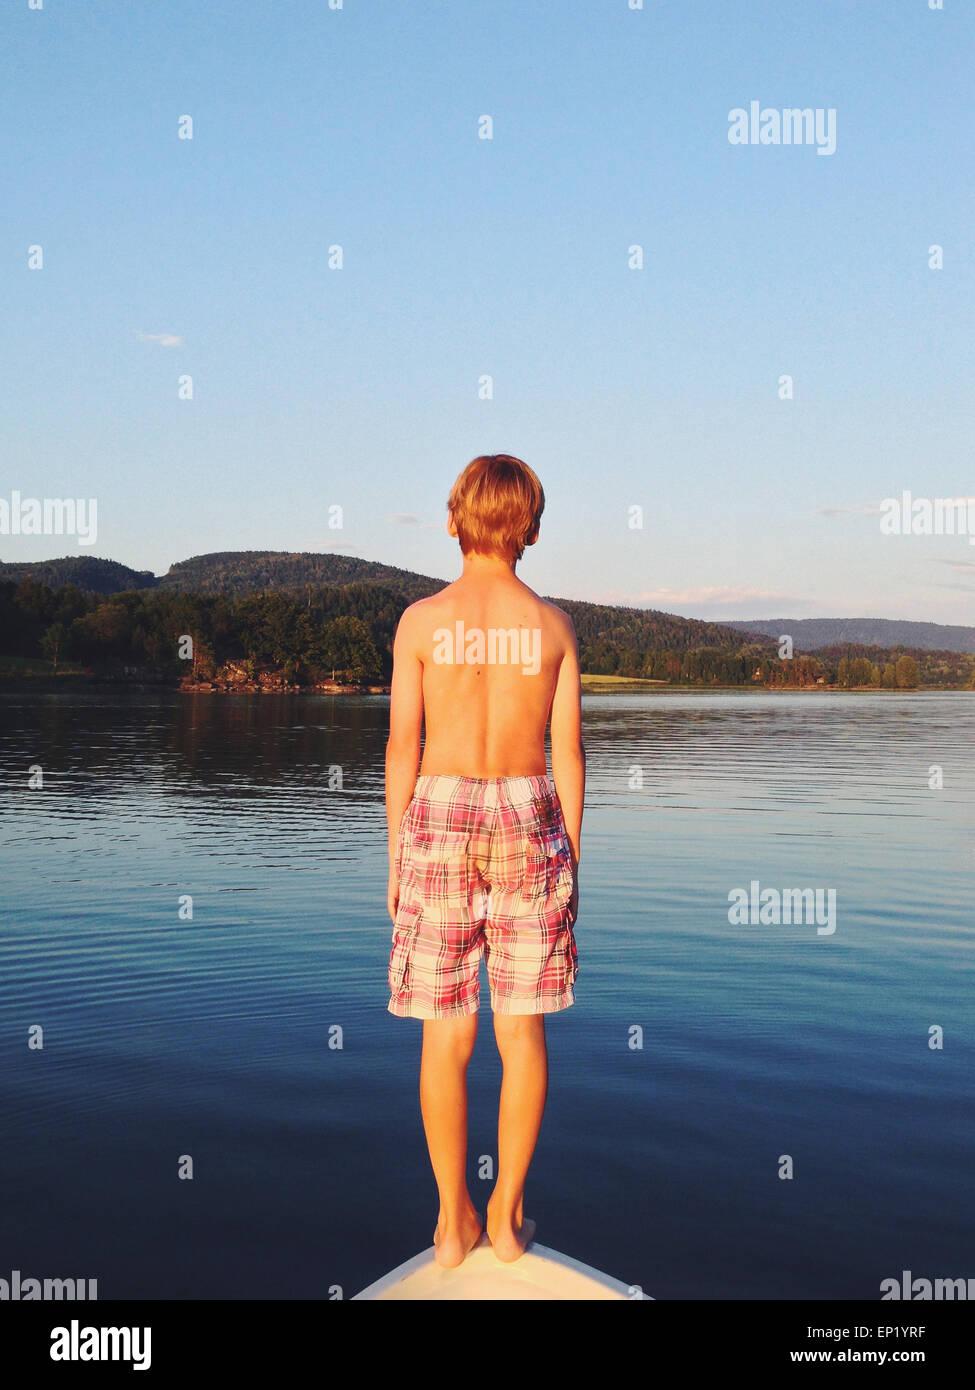 Vue arrière d'un garçon debout sur la proue d'un bateau prêt à sauter dans la mer, Hof, Photo Stock